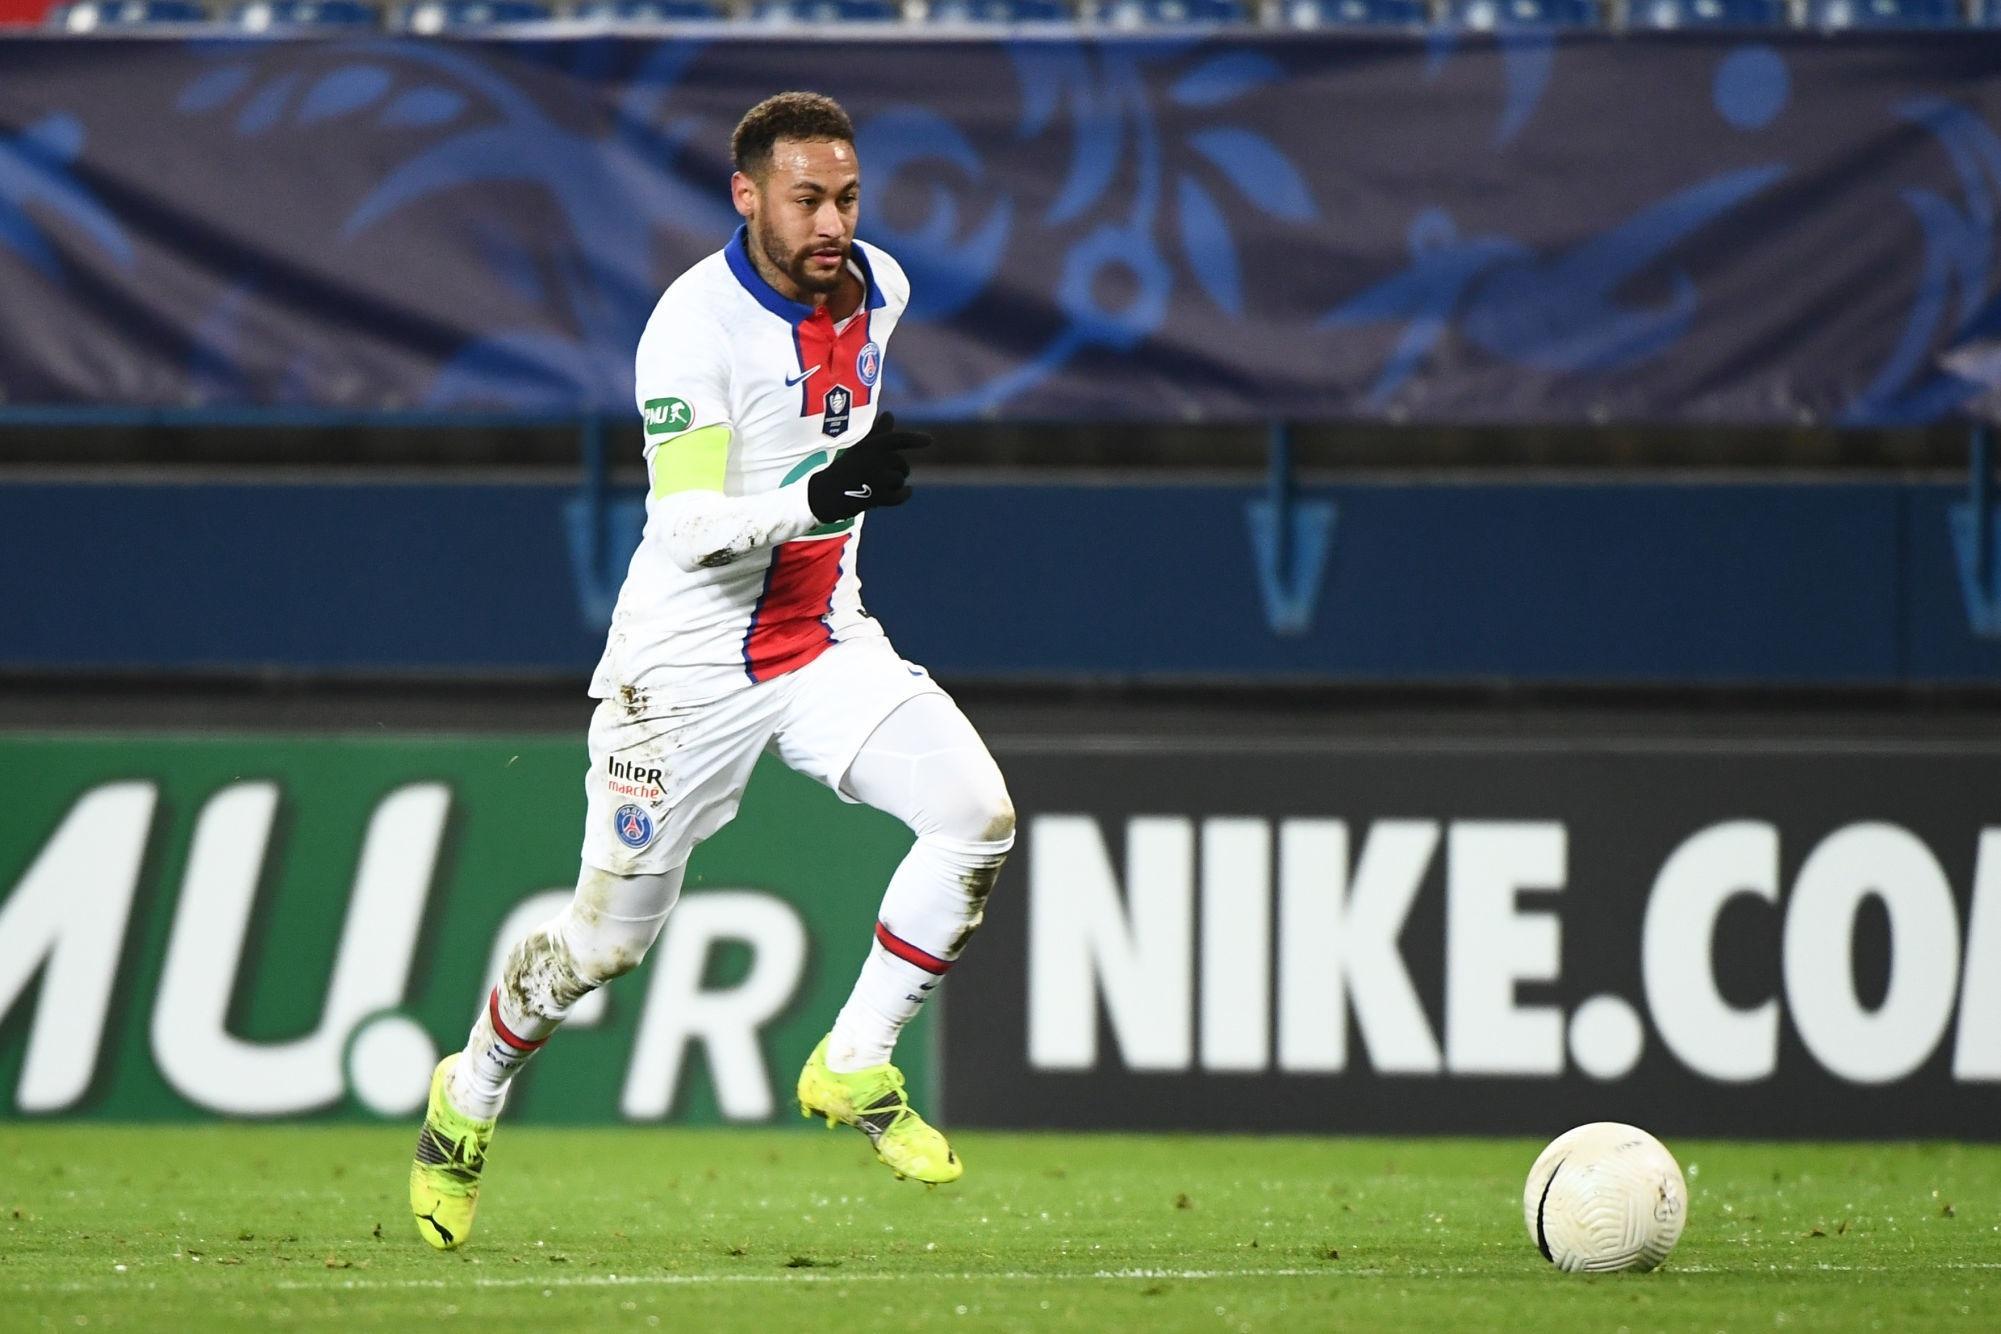 """Neymar """"avait demandé"""" à être titulaire contre Caen, annonce Téléfoot"""